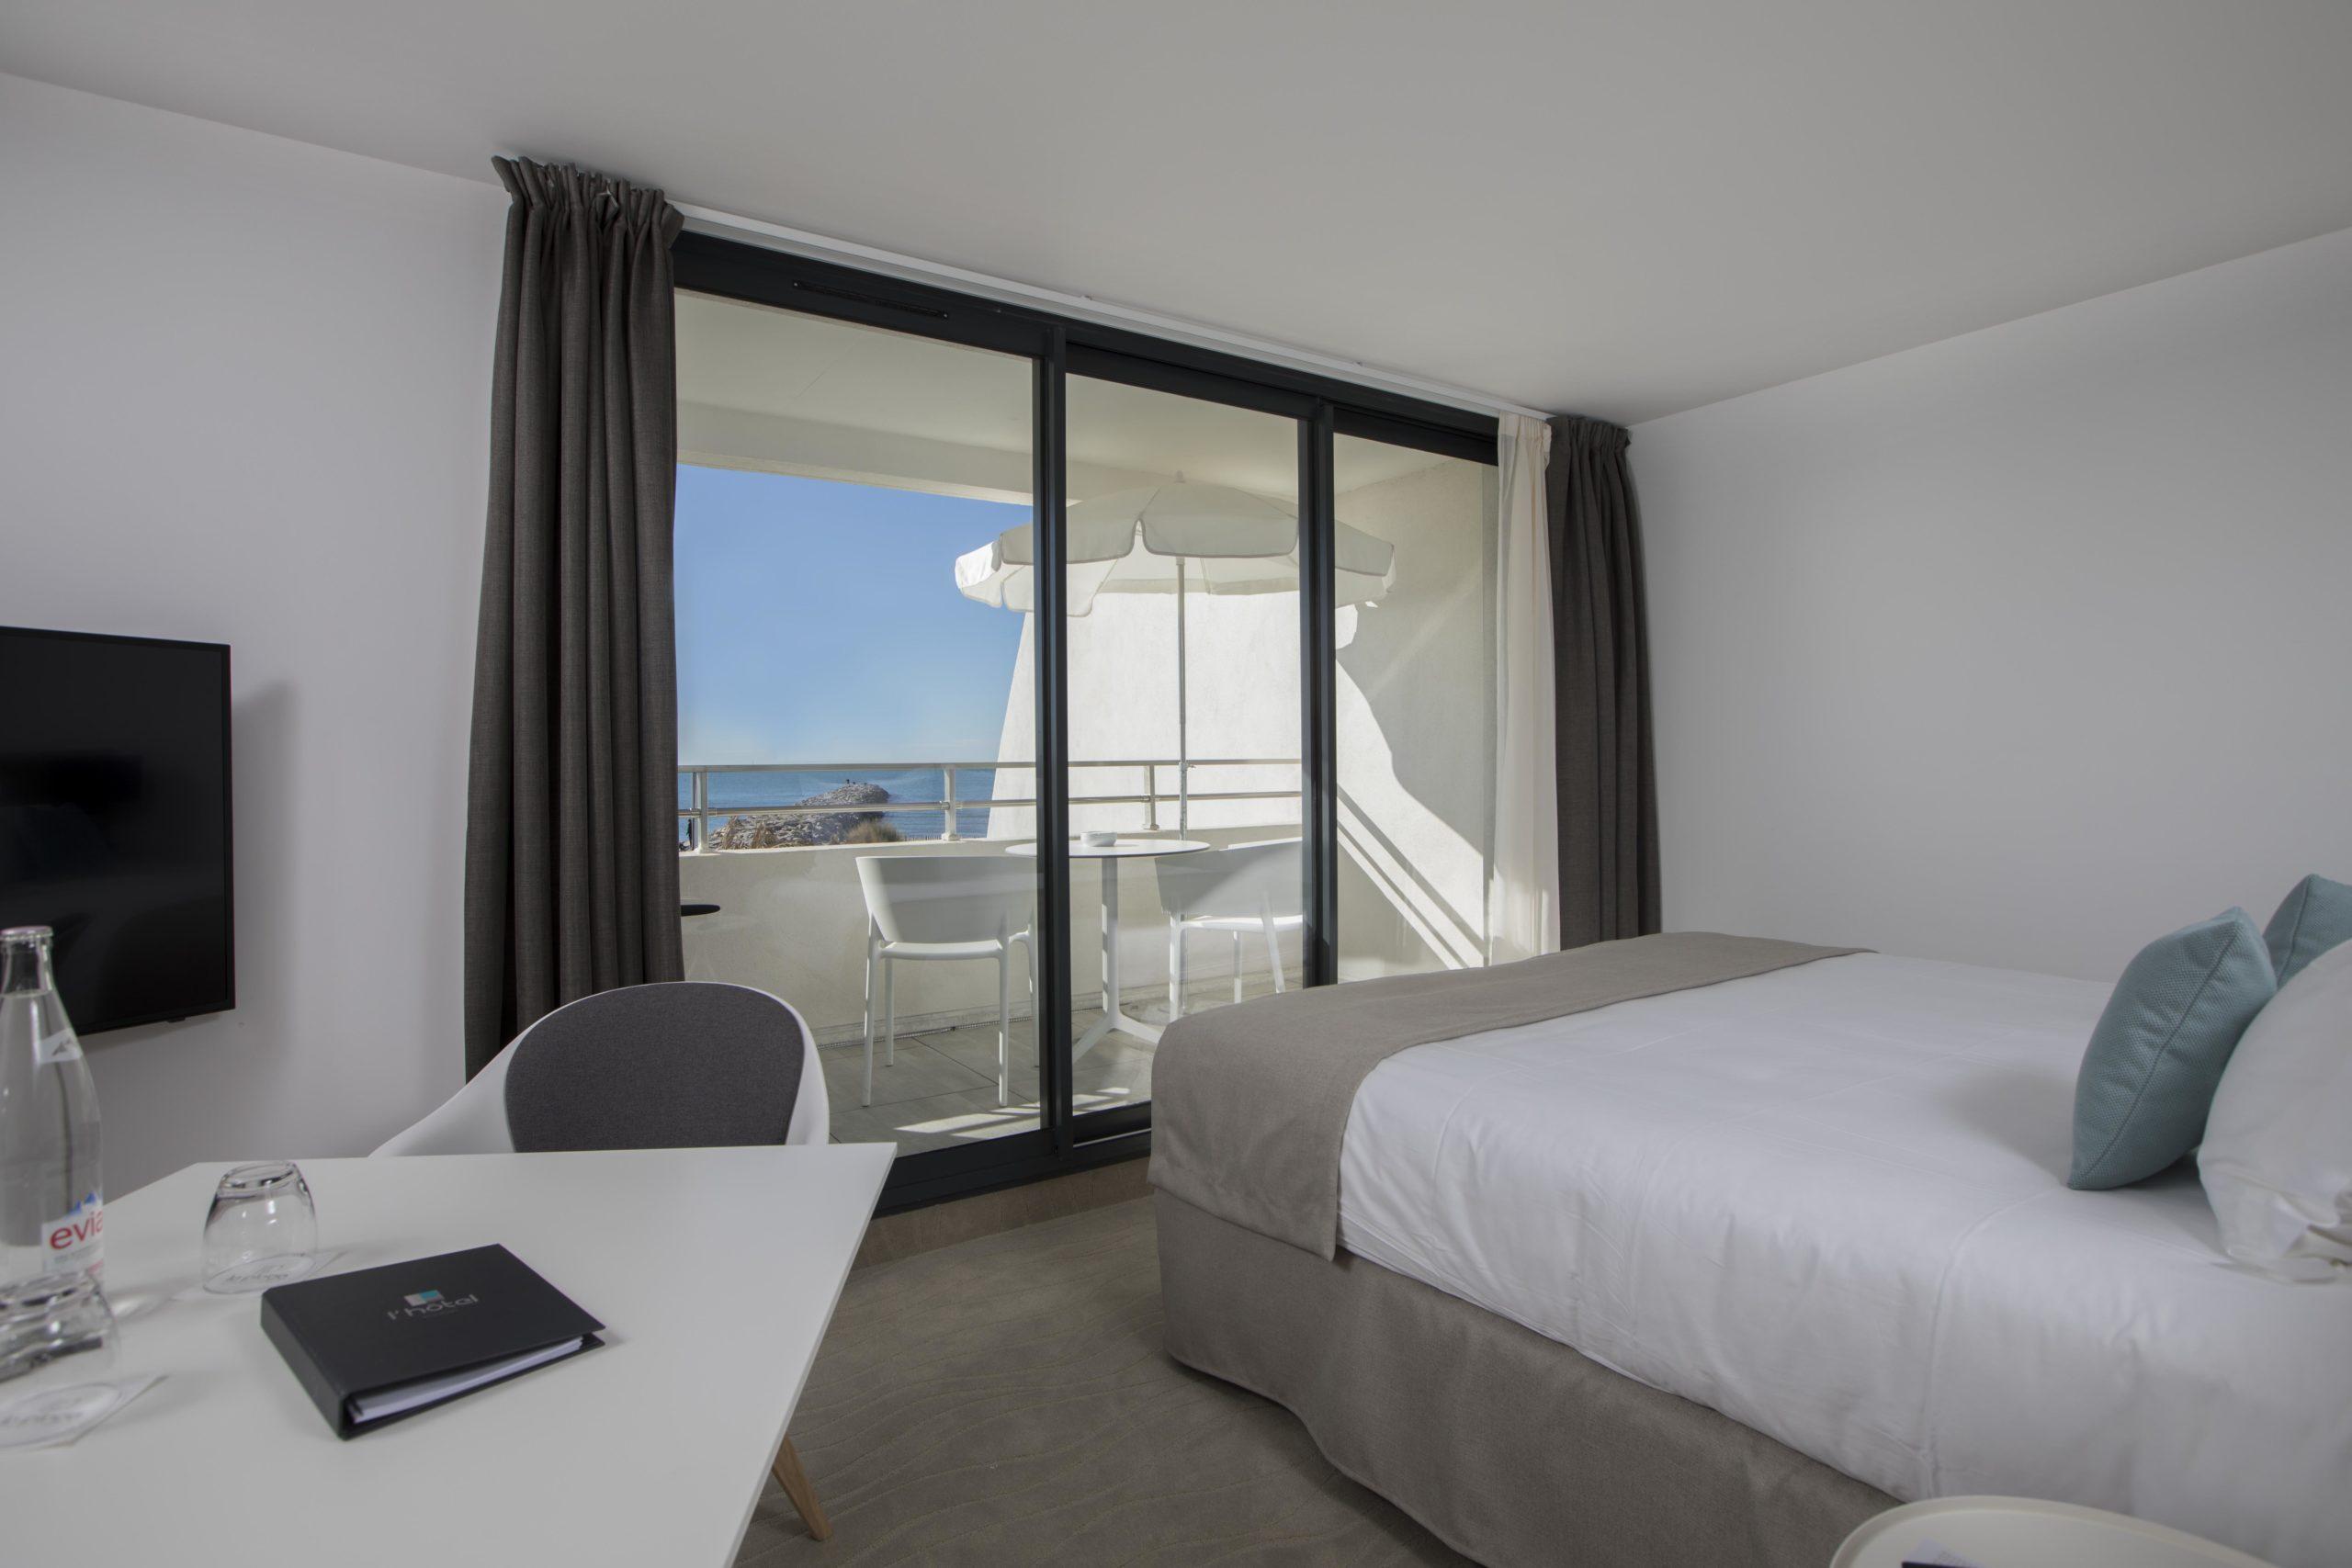 Chambre avec lit simple et balcon avec table et chaises, hôtel vue sur mer, Hôtel La Plage.